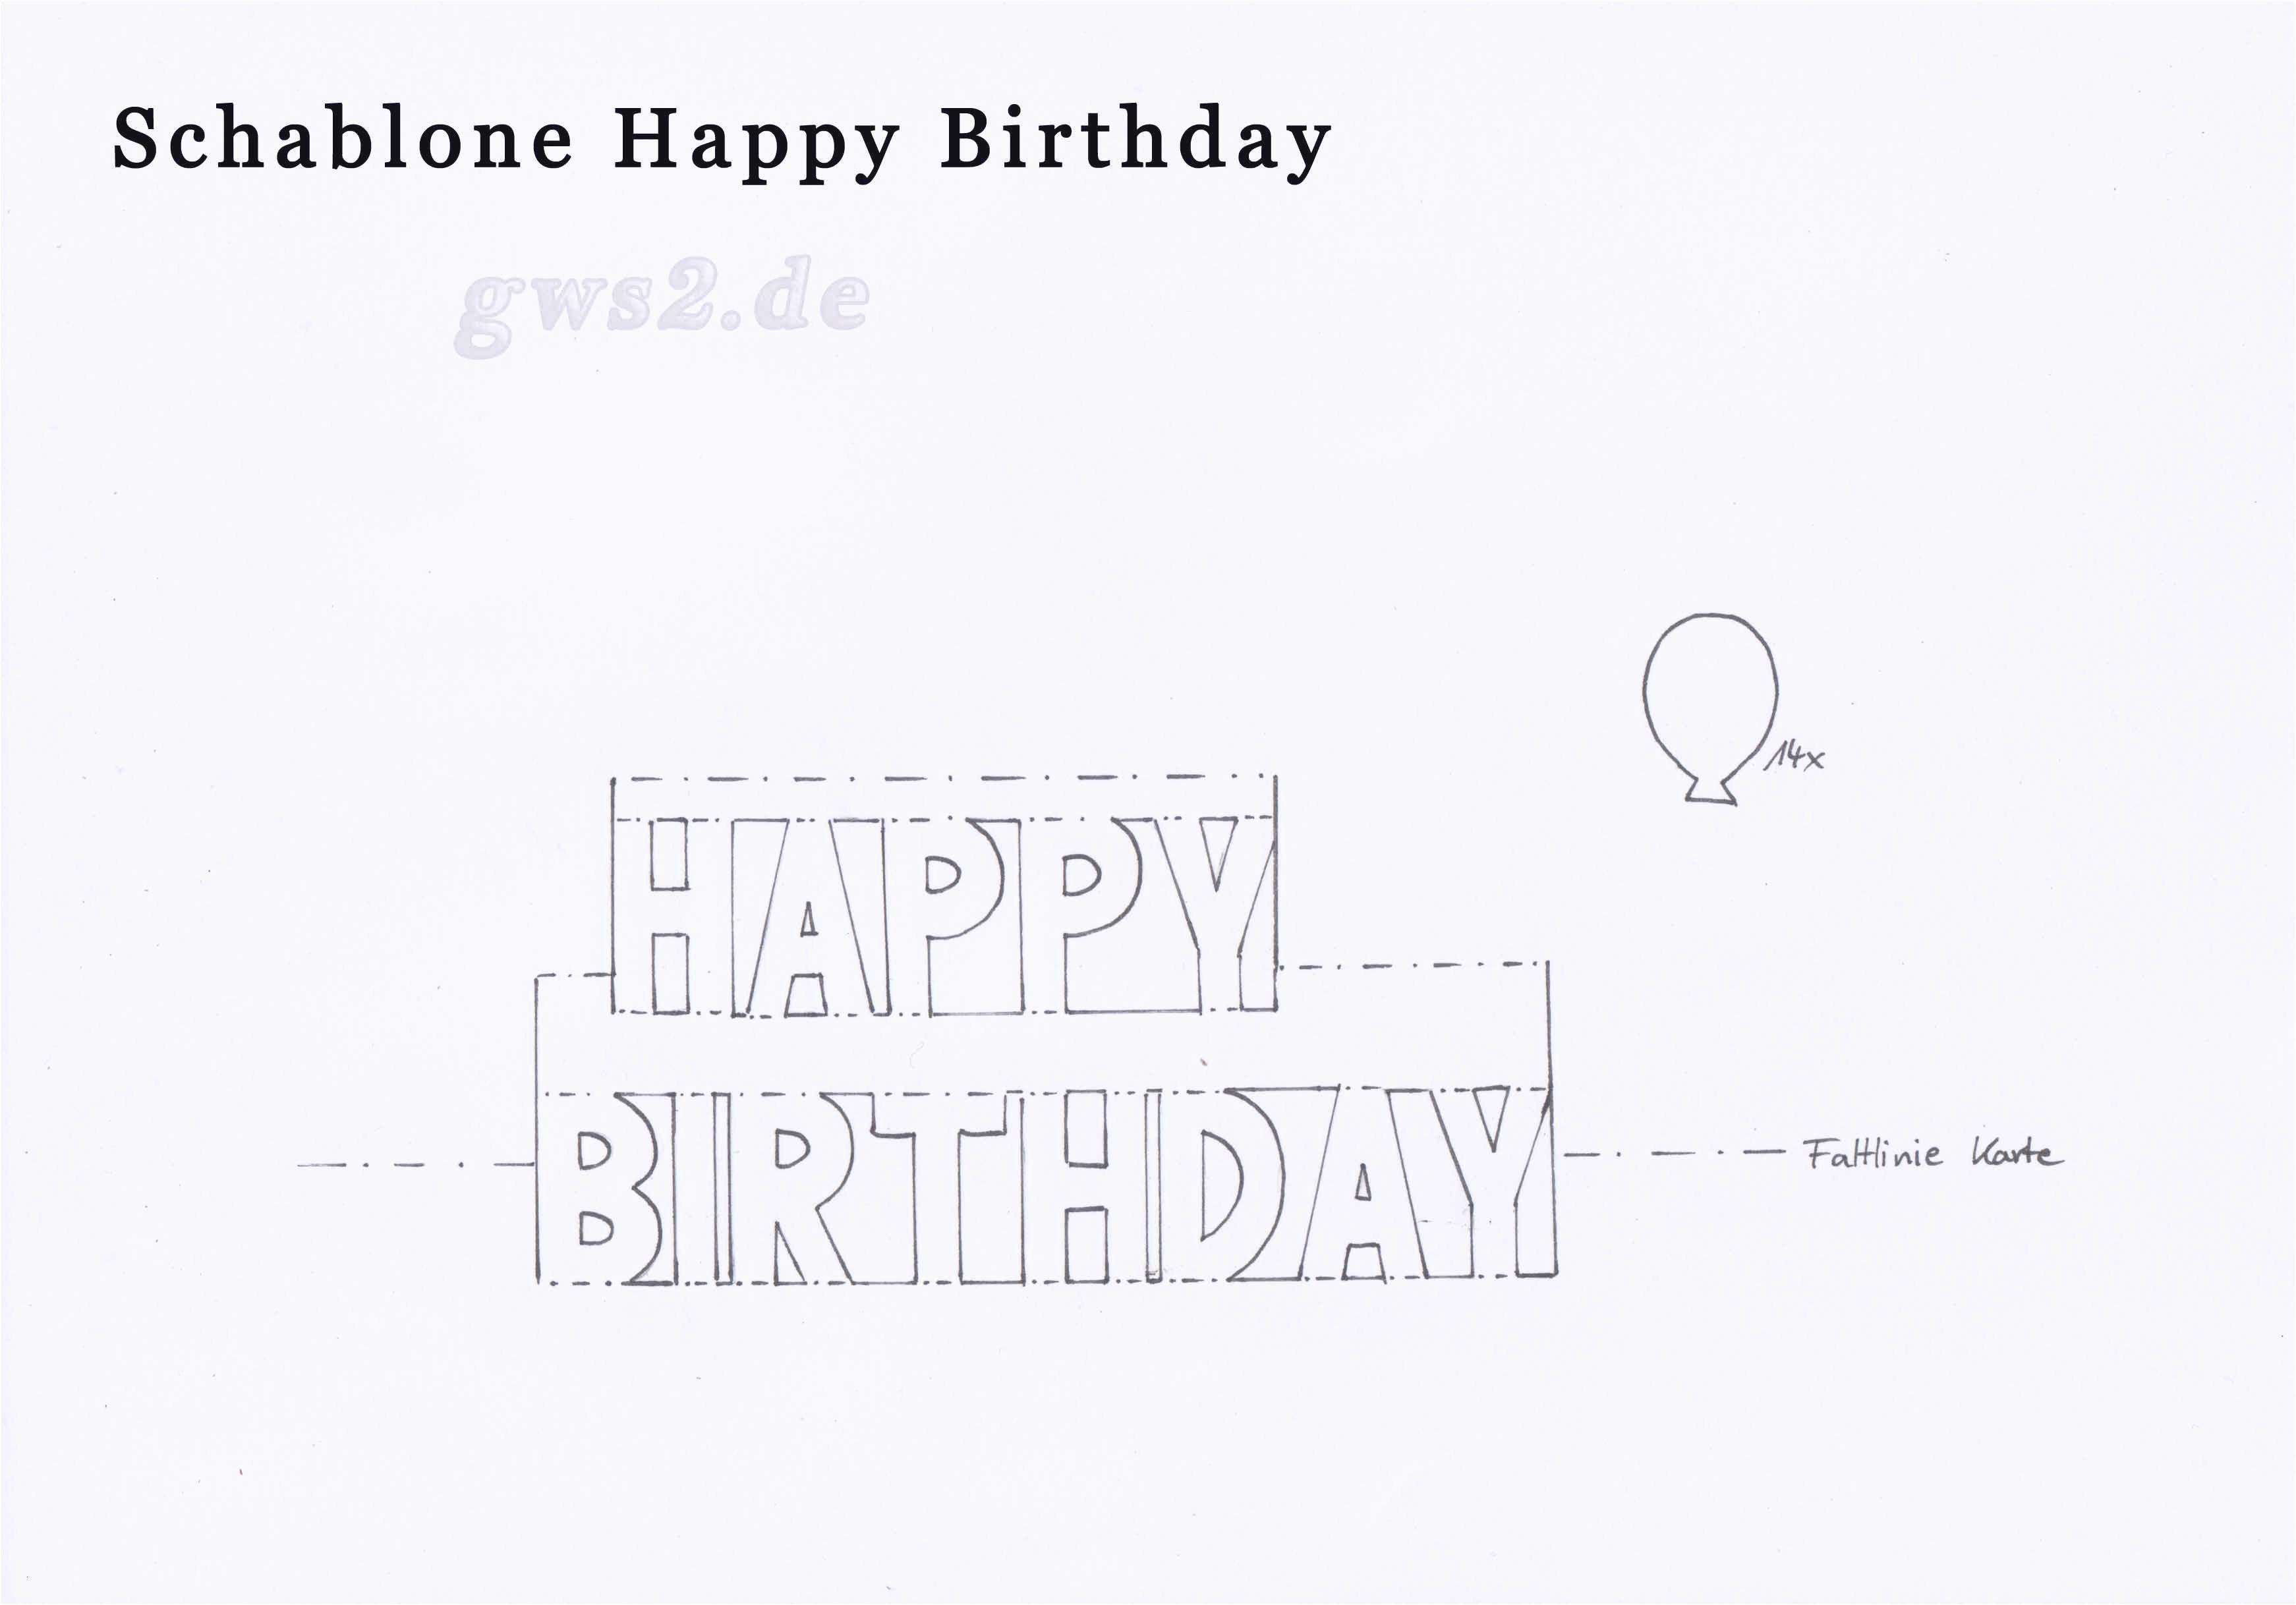 Happy Birthday Zum Ausdrucken Einzigartig Happy Birthday Karte Zum Ausdrucken Einzigartig Birthday Wishes Fotografieren